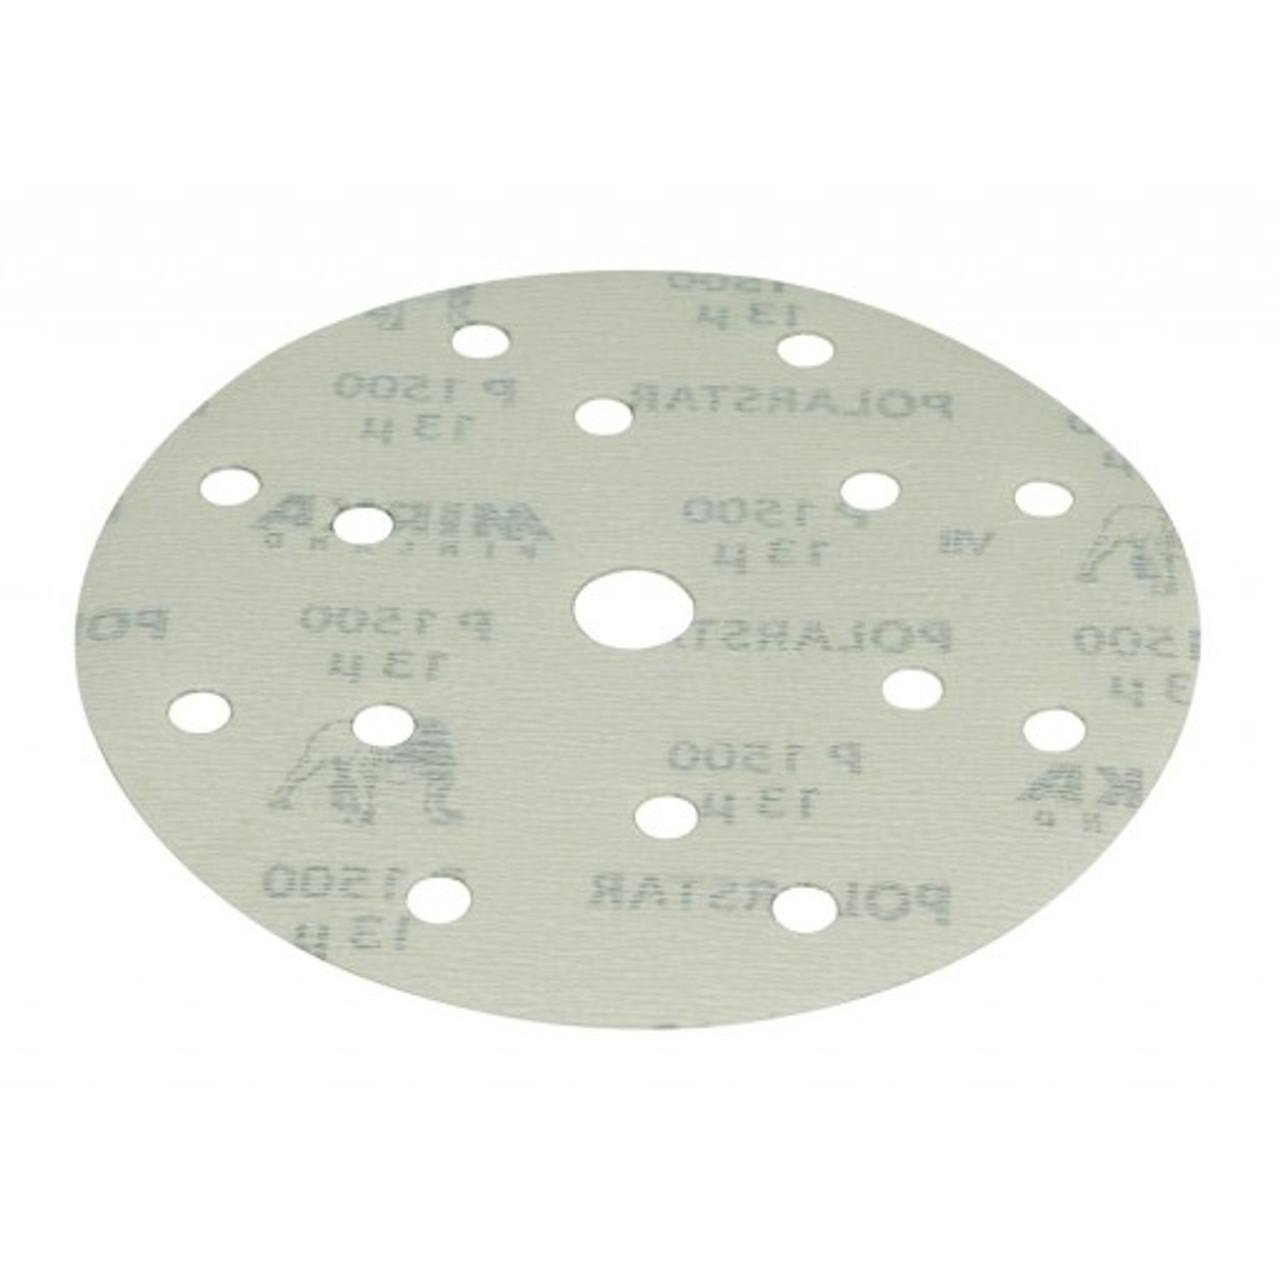 Mirka Abrasives Micro 5 Grip Discs 1200 50 Bx Fm-612-1200